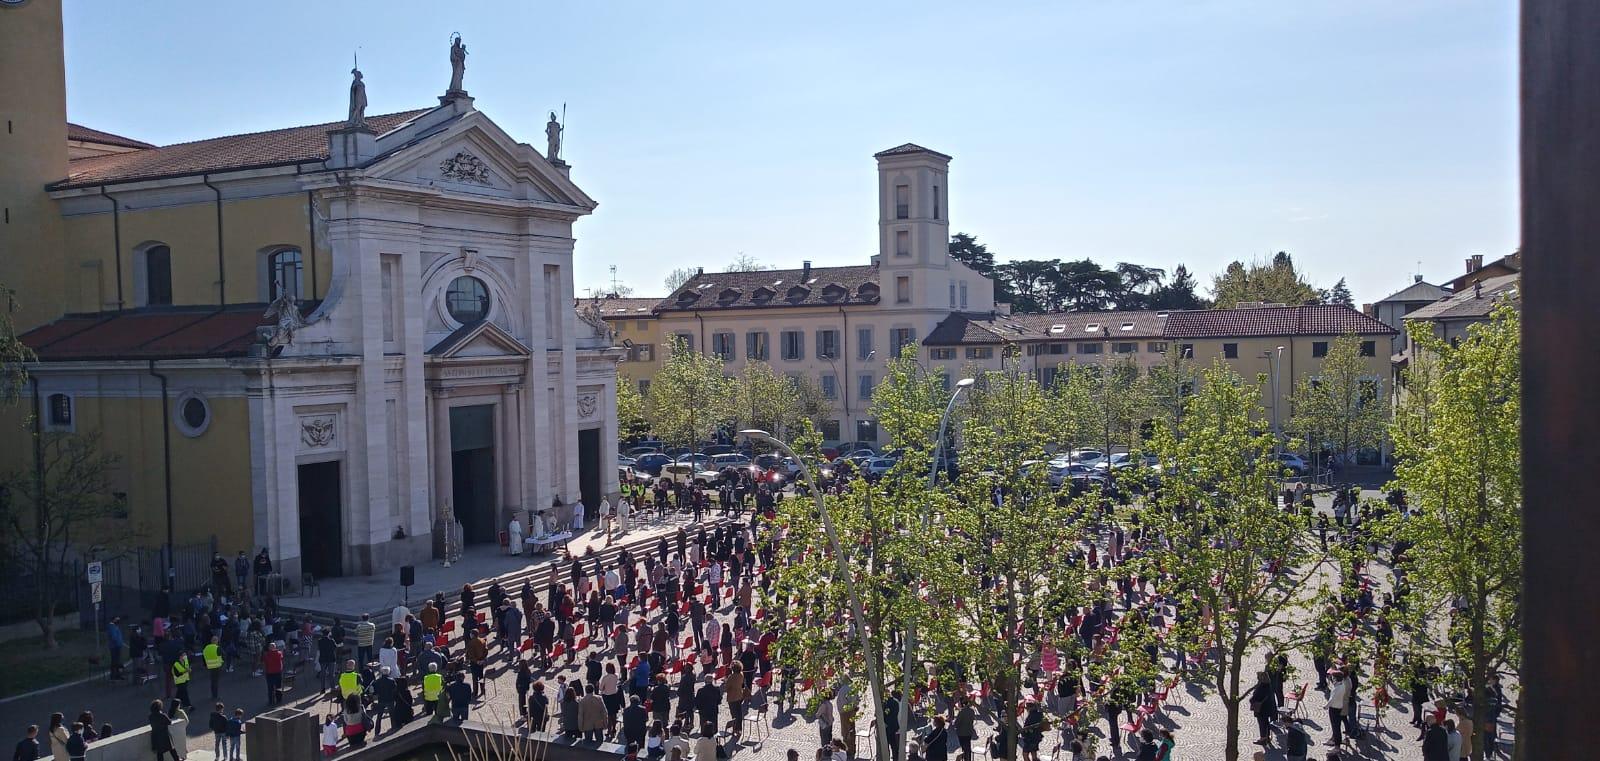 La Messa a Parabiago all'aperto